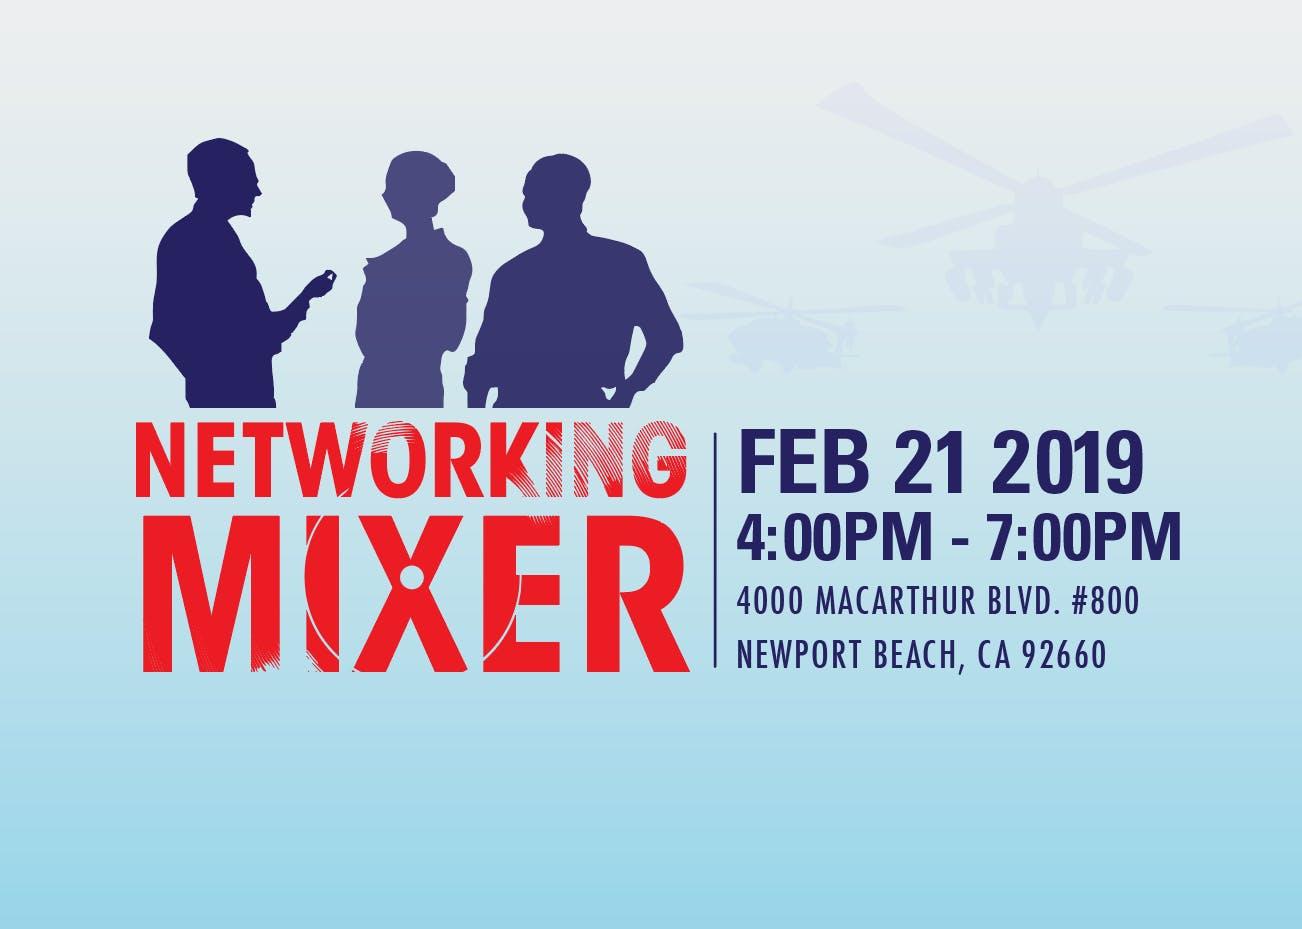 VAREP Networking Mixer